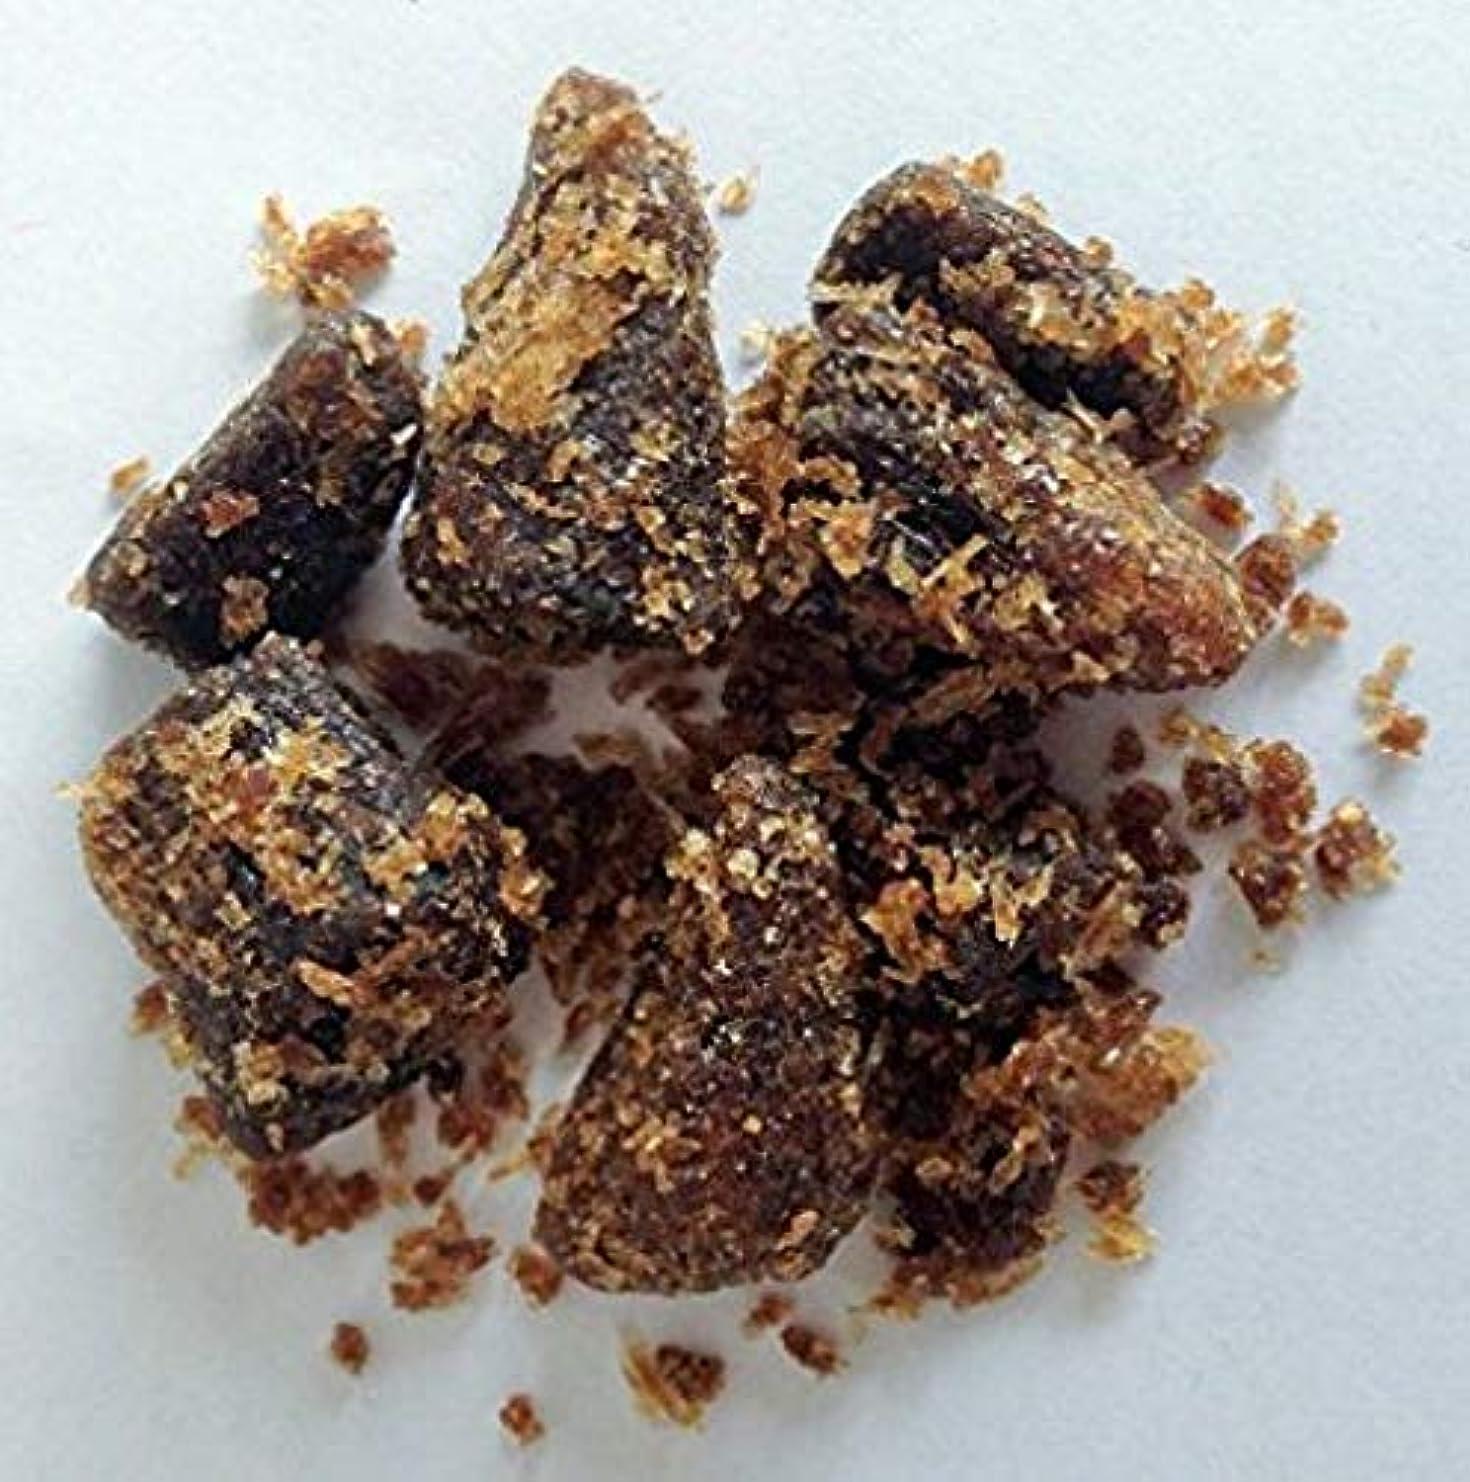 スリラー港統治する50 gオレンジ樹脂Incense Dhoop Agarbatti供養Best Fragrance